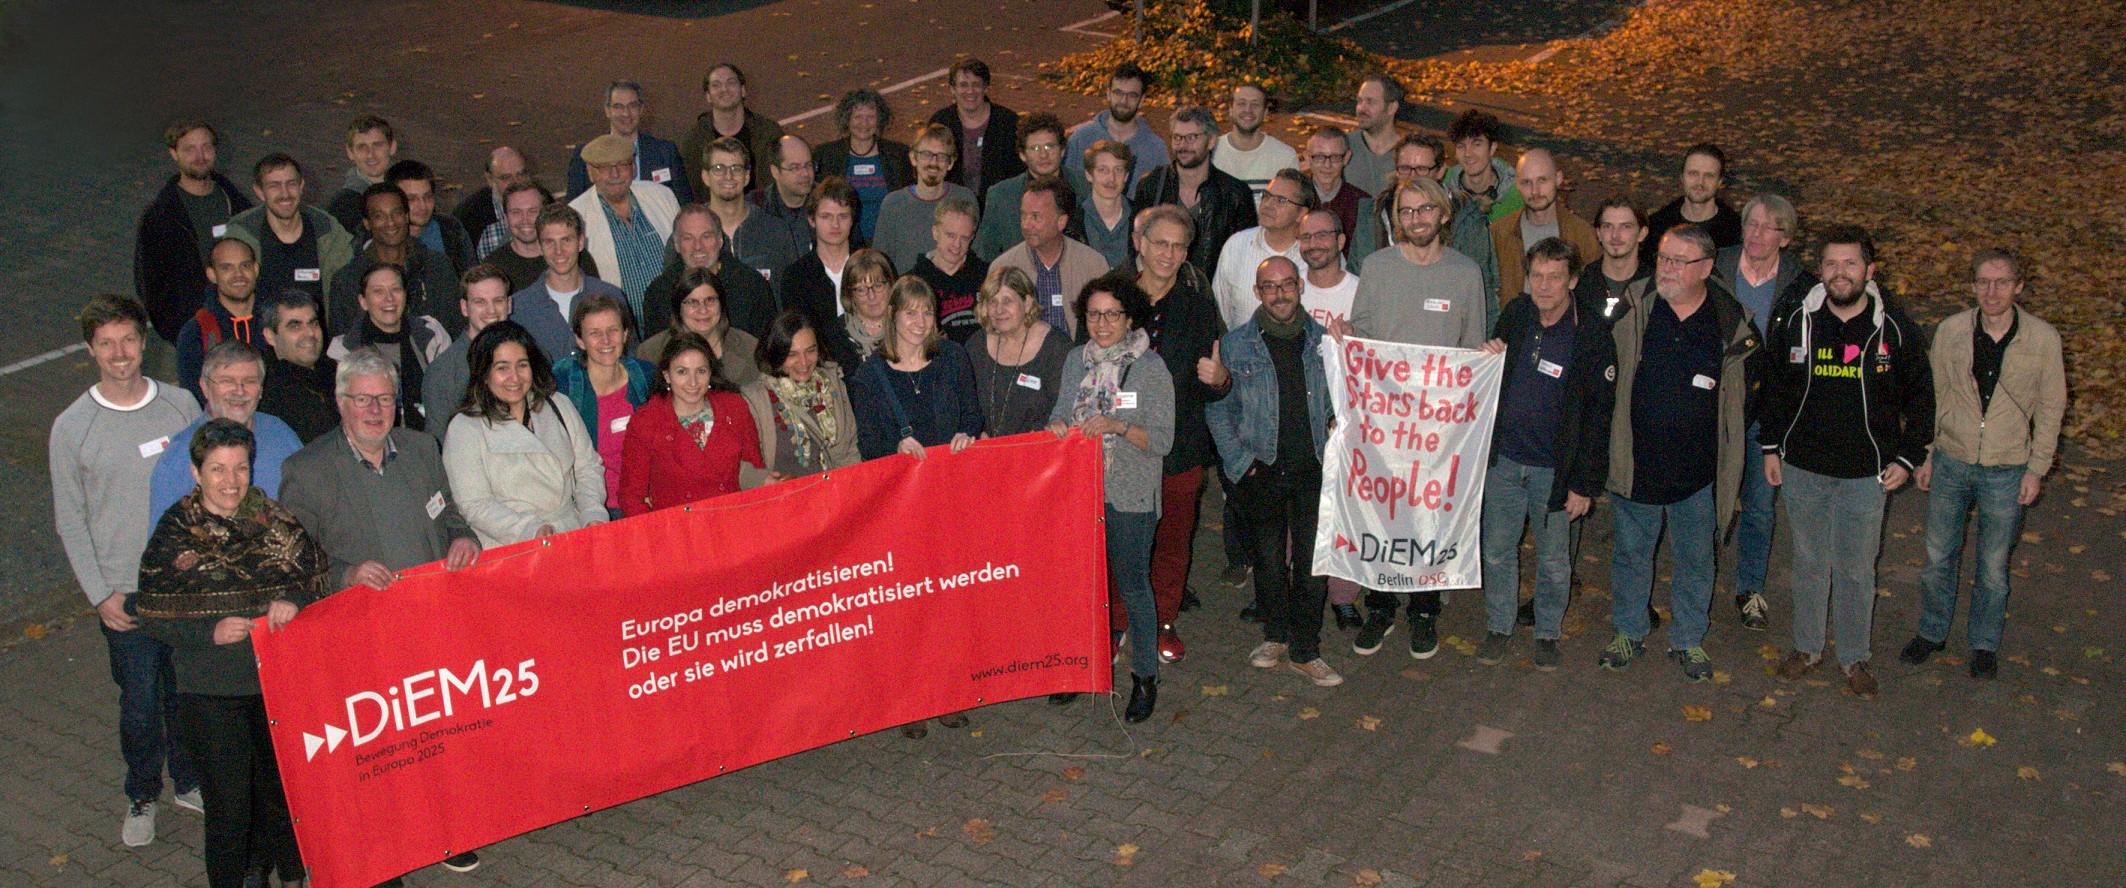 Germany-wide meeting in Frankfurt